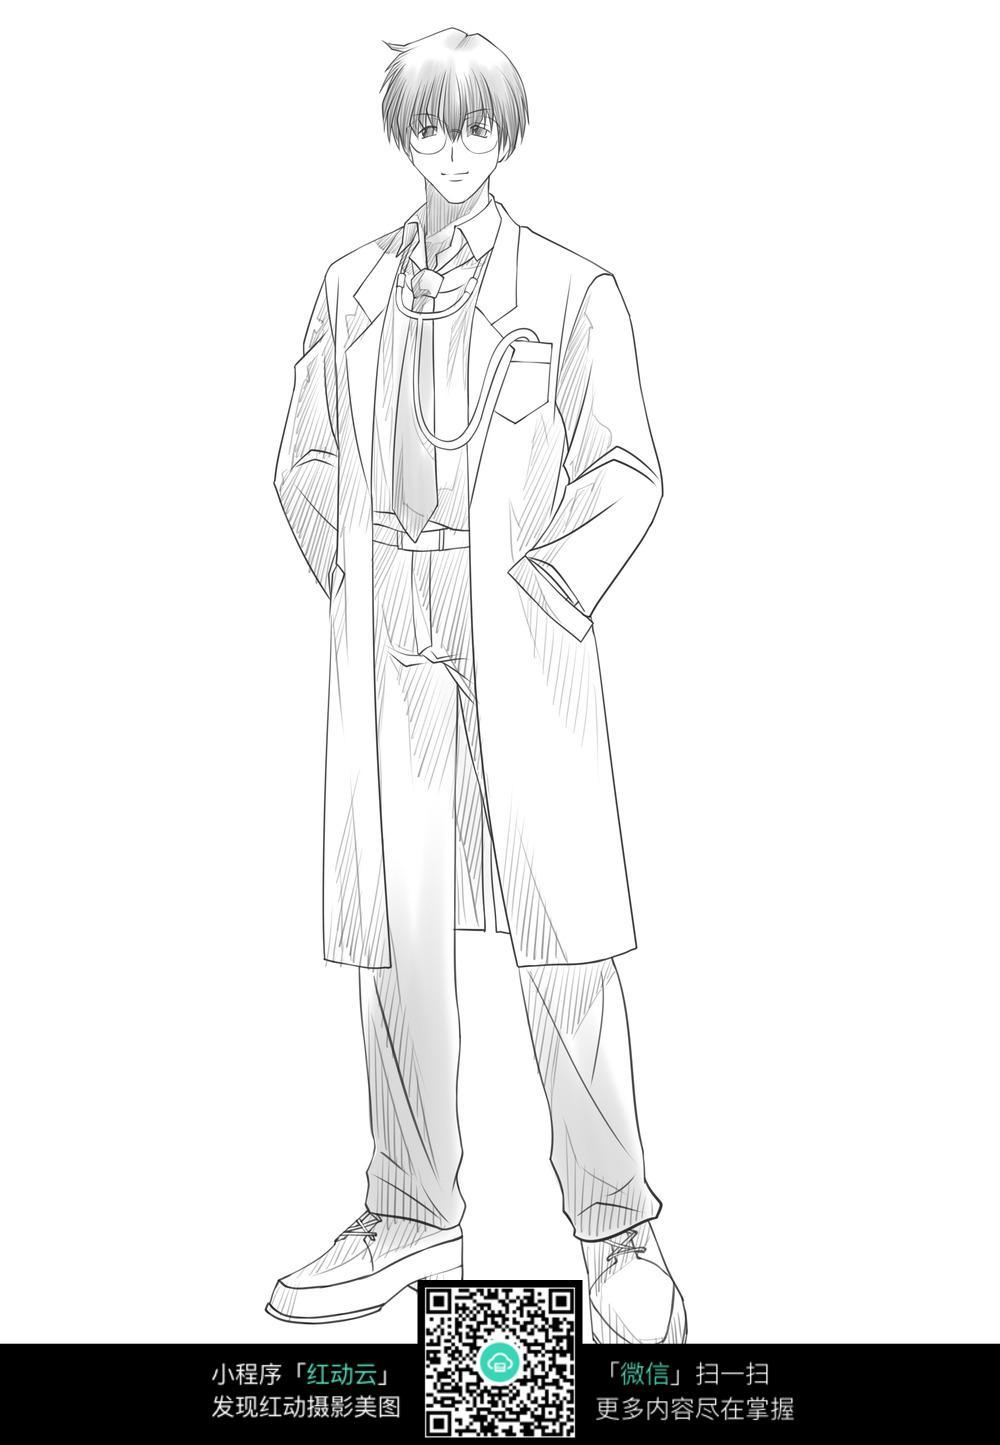 医生卡通手绘图片